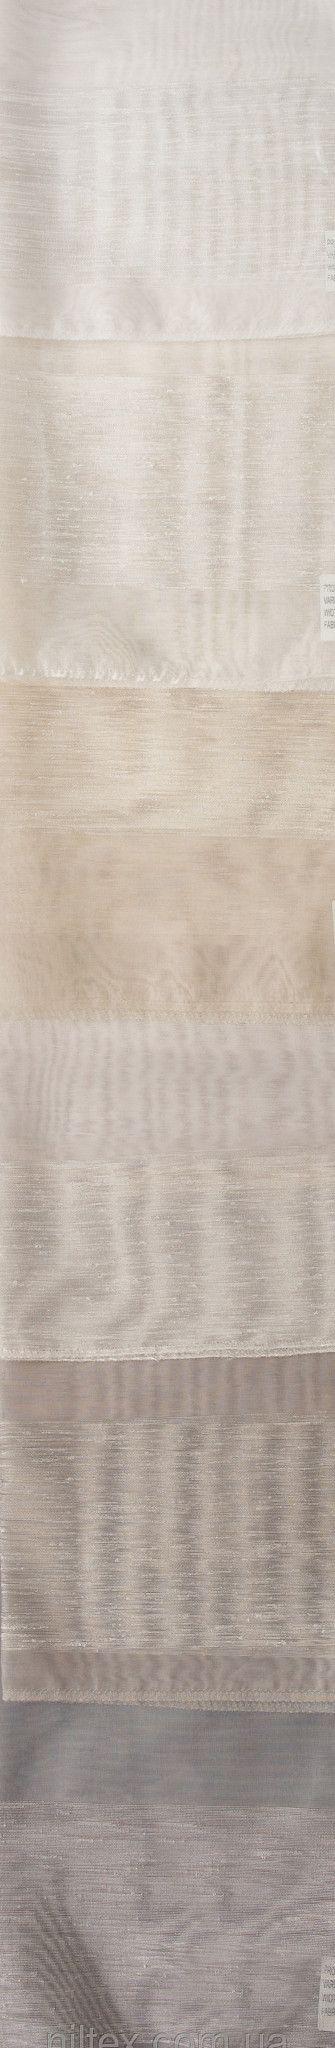 """Тюль CALIMERO: продажа, цена в Киеве. гардины от """"Ткани для штор. Интернет-магазин тканей (шоу-рум)"""" - 259128377"""